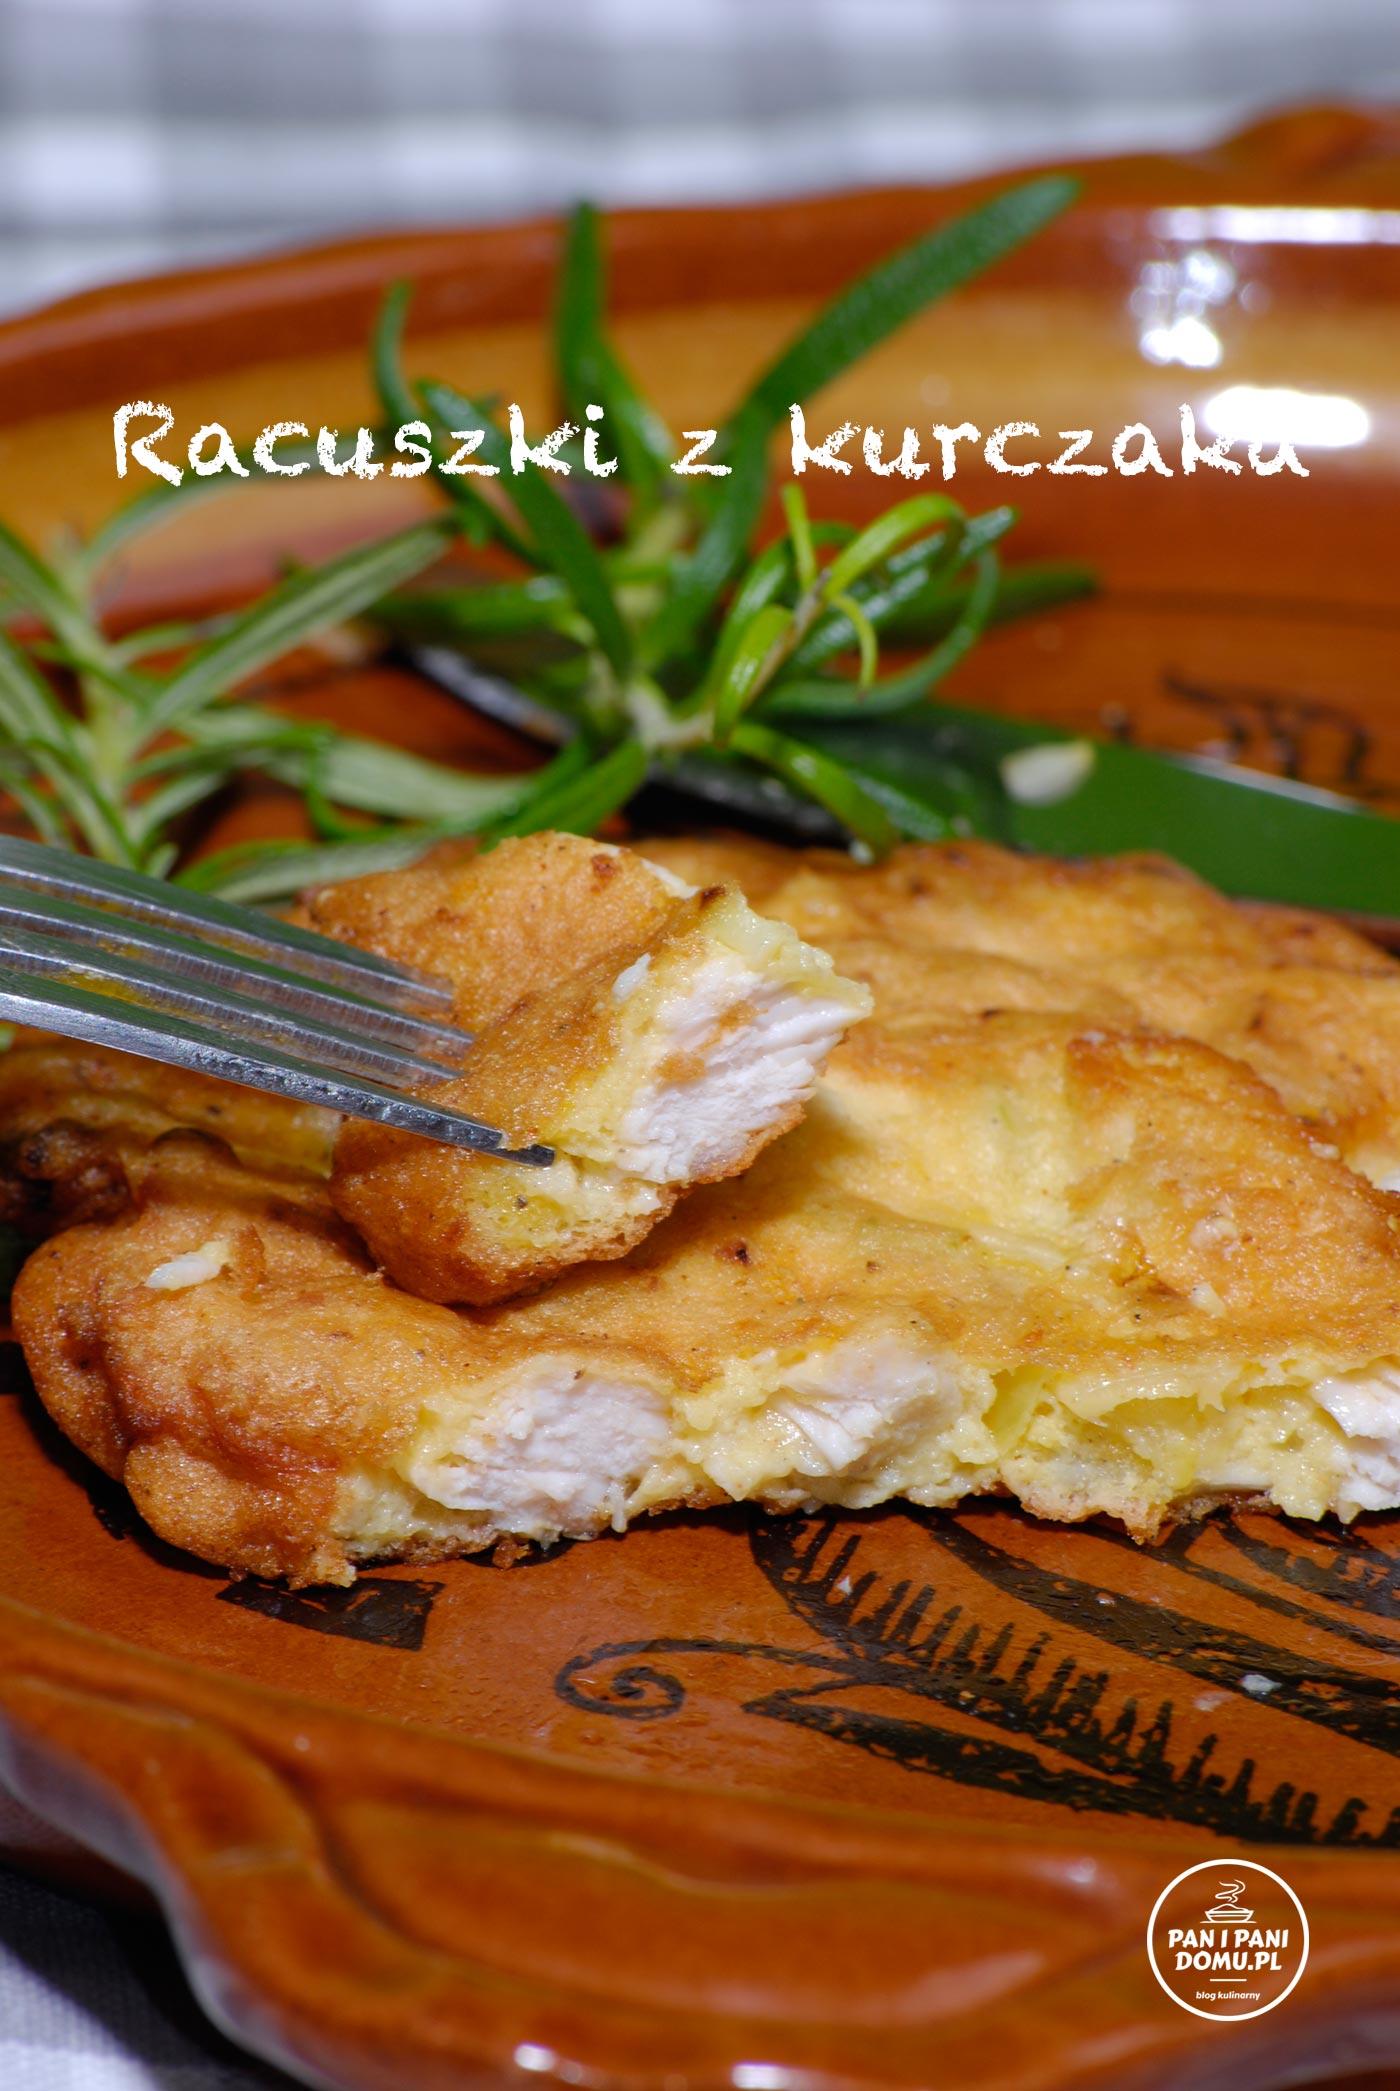 racuszki z kurczaka